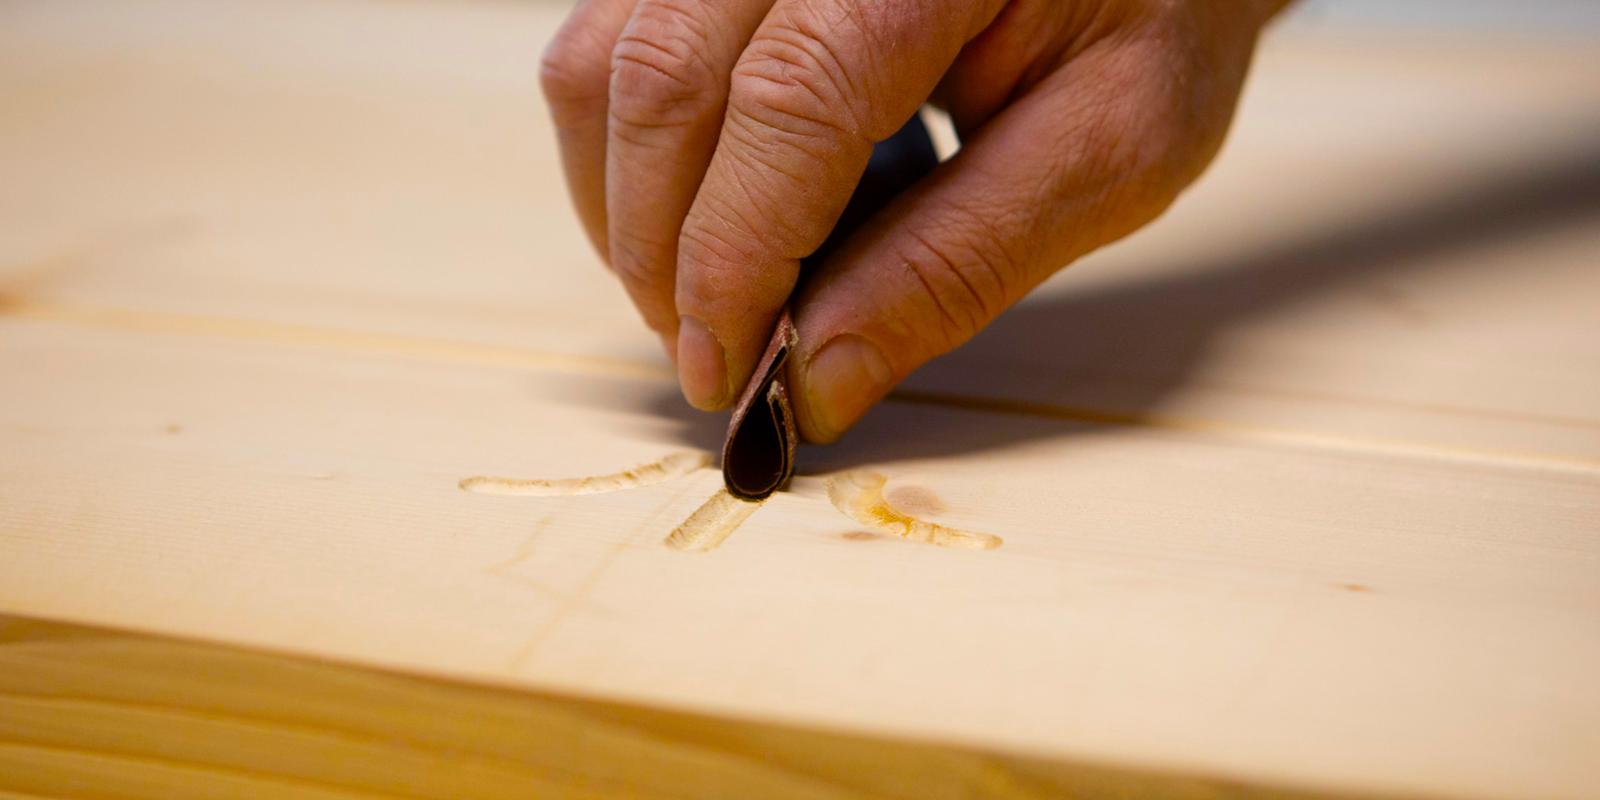 Dettaglio delle lavorazione di un mobile in legno